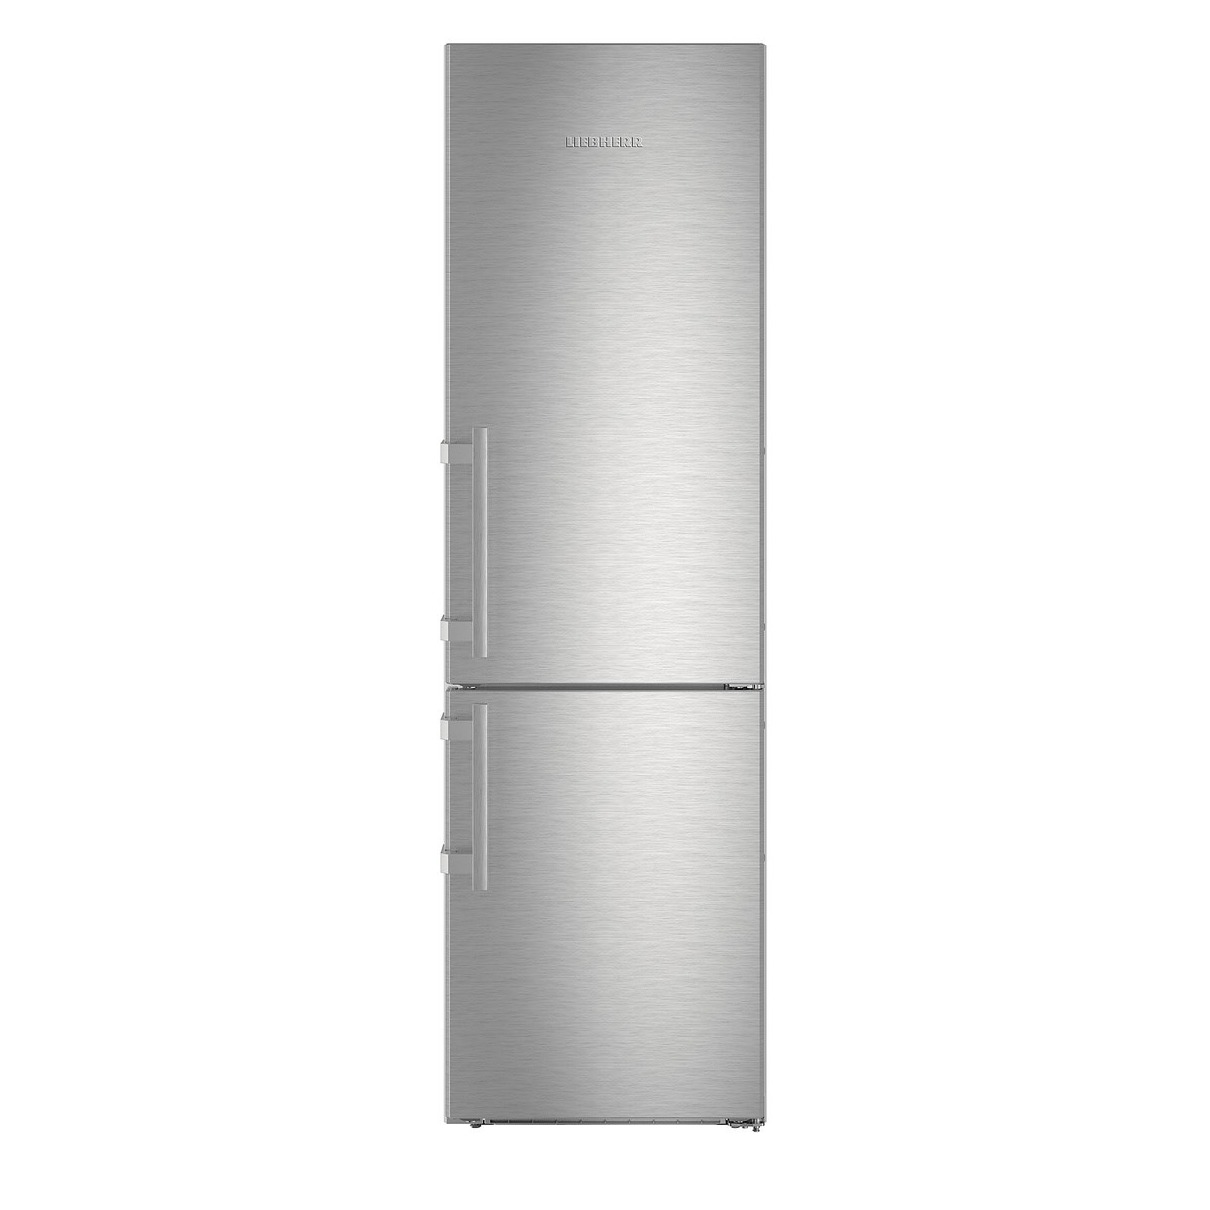 Liebherr koelkast met vriesvak CBNef 4815-20